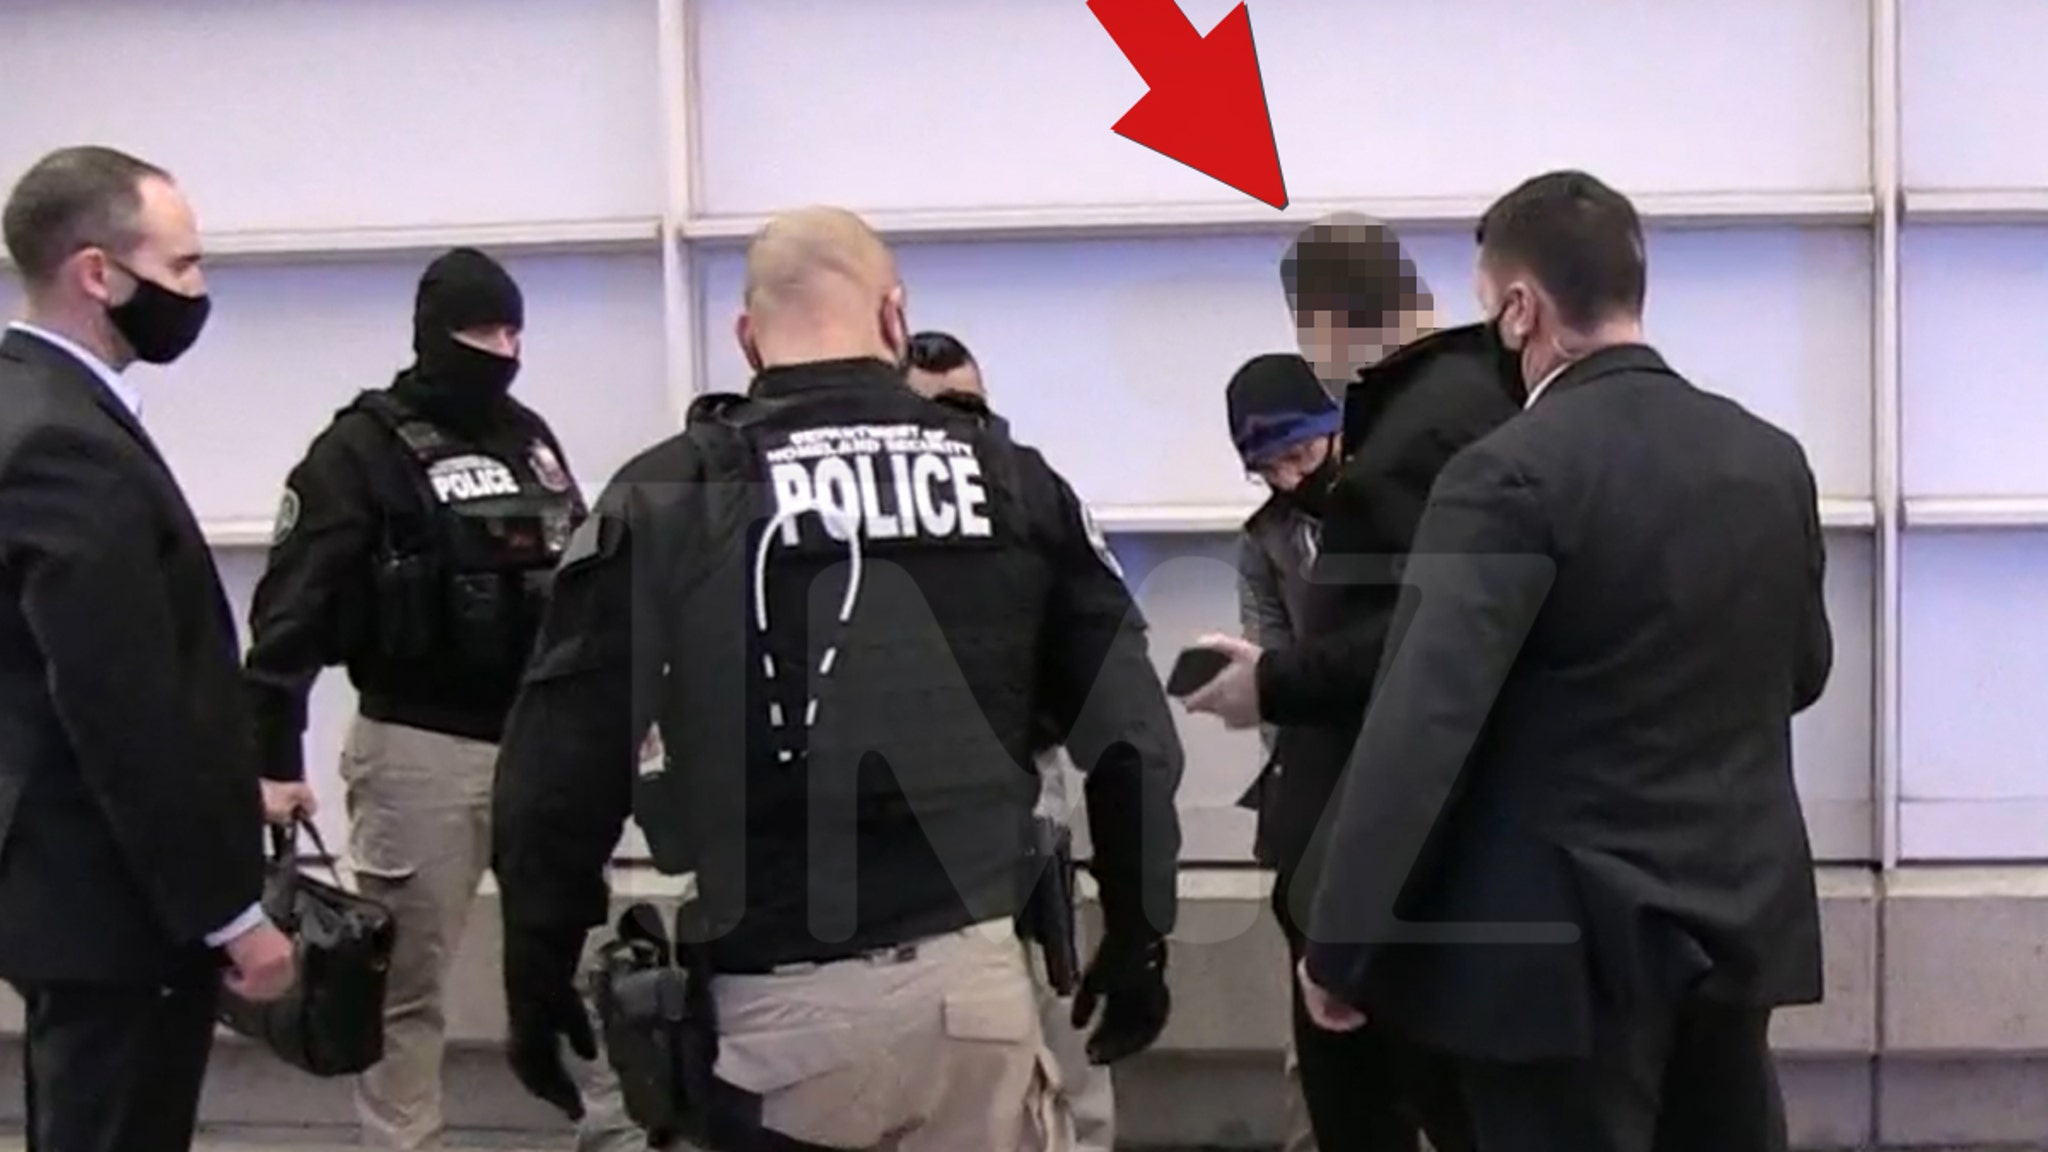 Копы округа Колумбия обыскивают аэропорт в поисках подозреваемых в бунте Капитолия